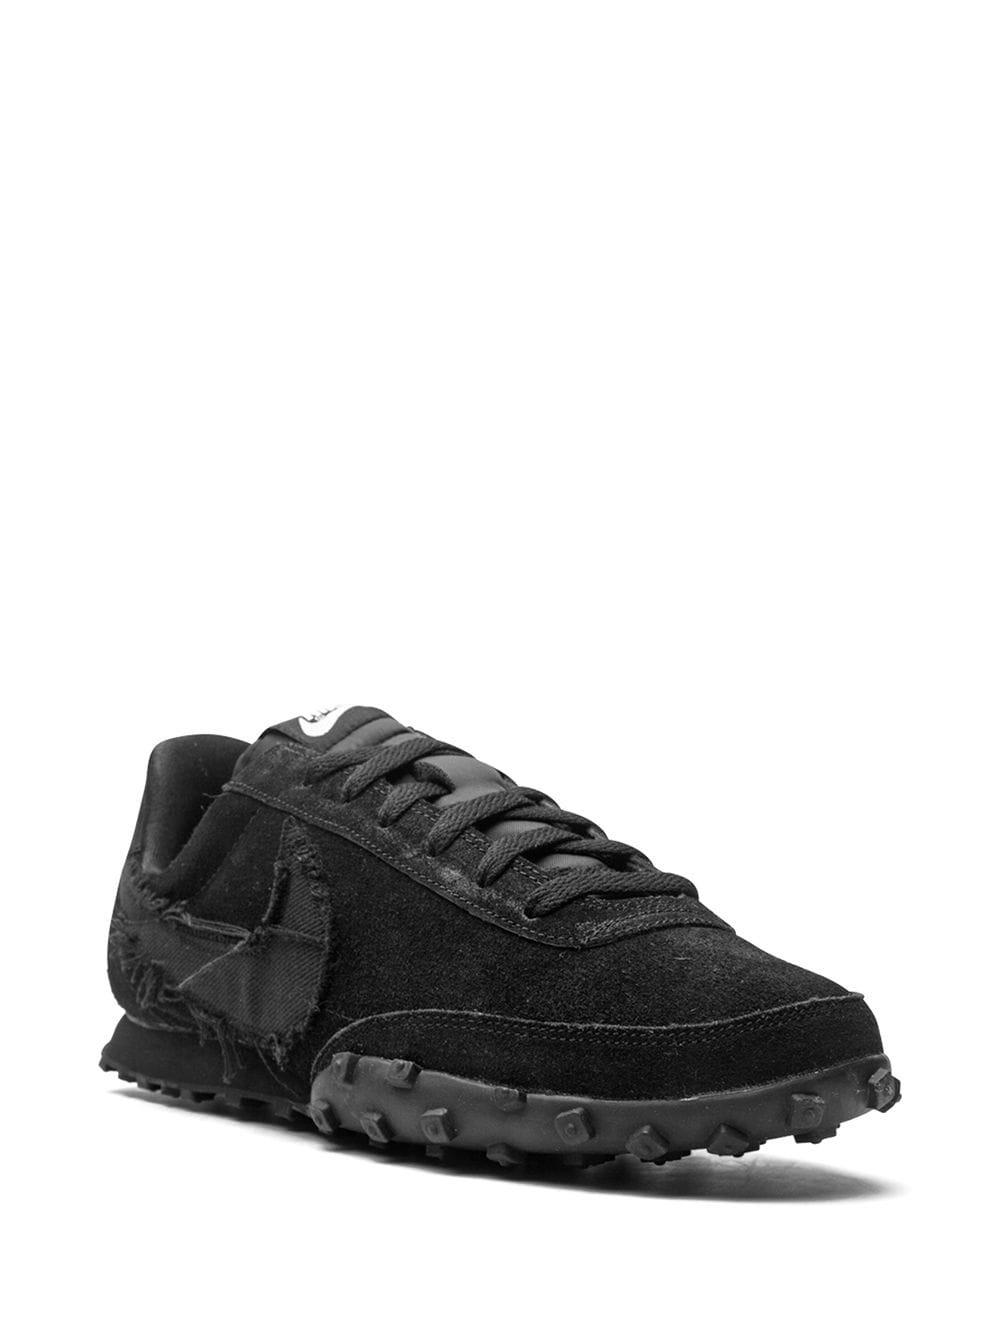 Nike x Comme des Garcons 运动鞋